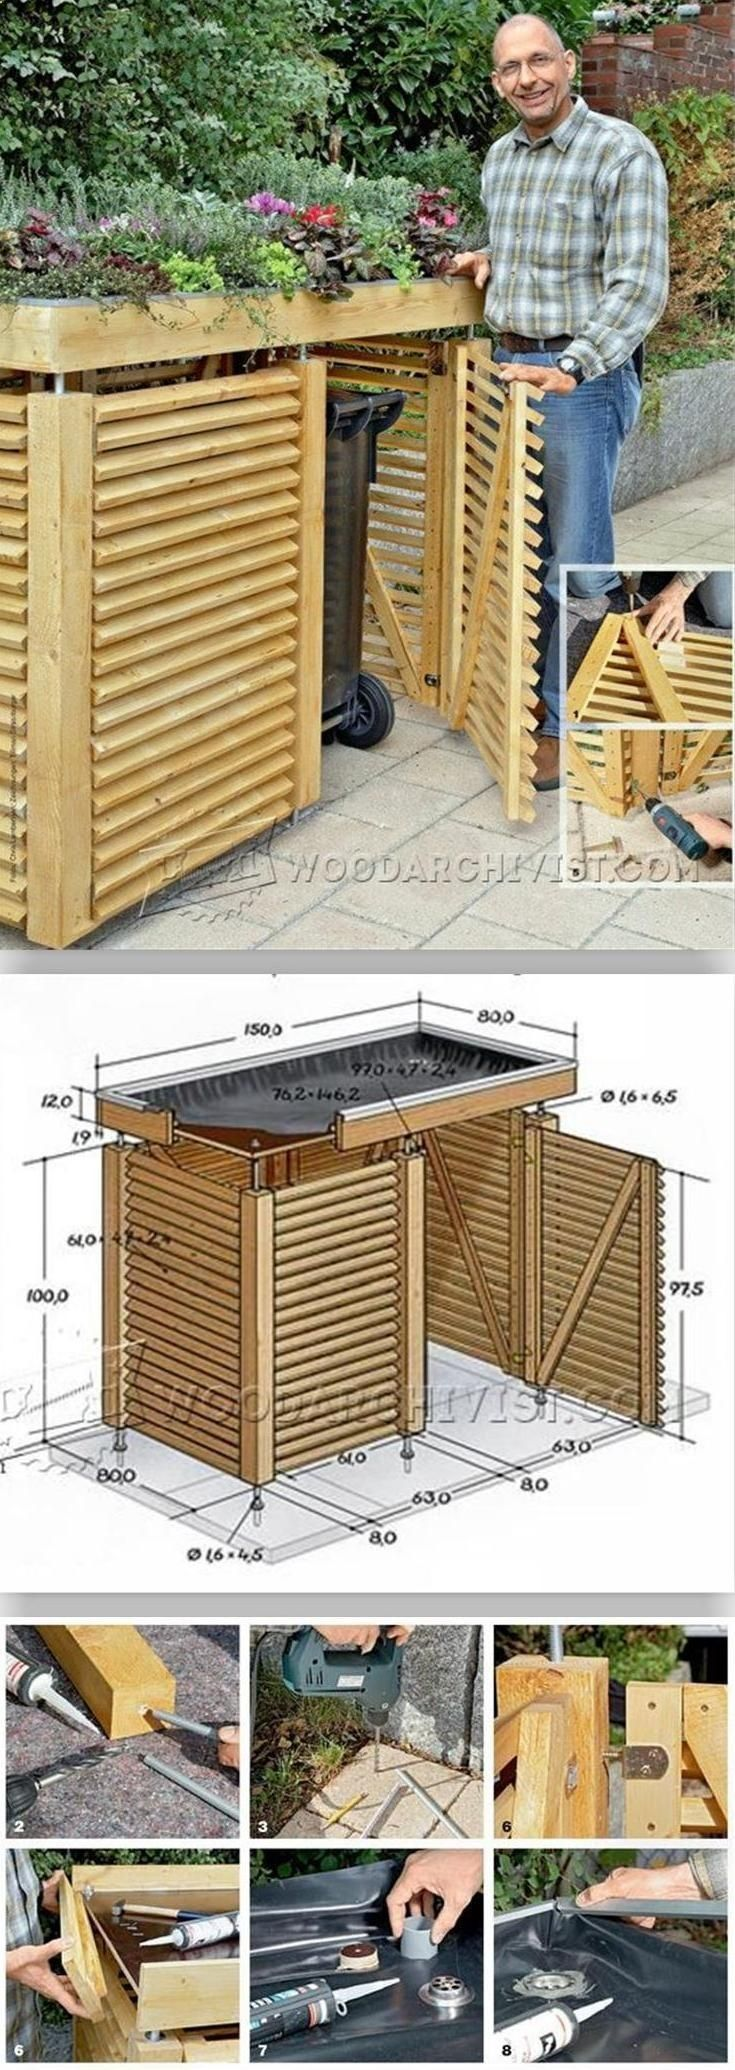 Plans Of Woodworking Diy Projects Garden Store Plans Outdoor Plans And Projects Woodarchivist Com Get A Lif Hintergarten Gartengestaltung Vorgarten Ideen